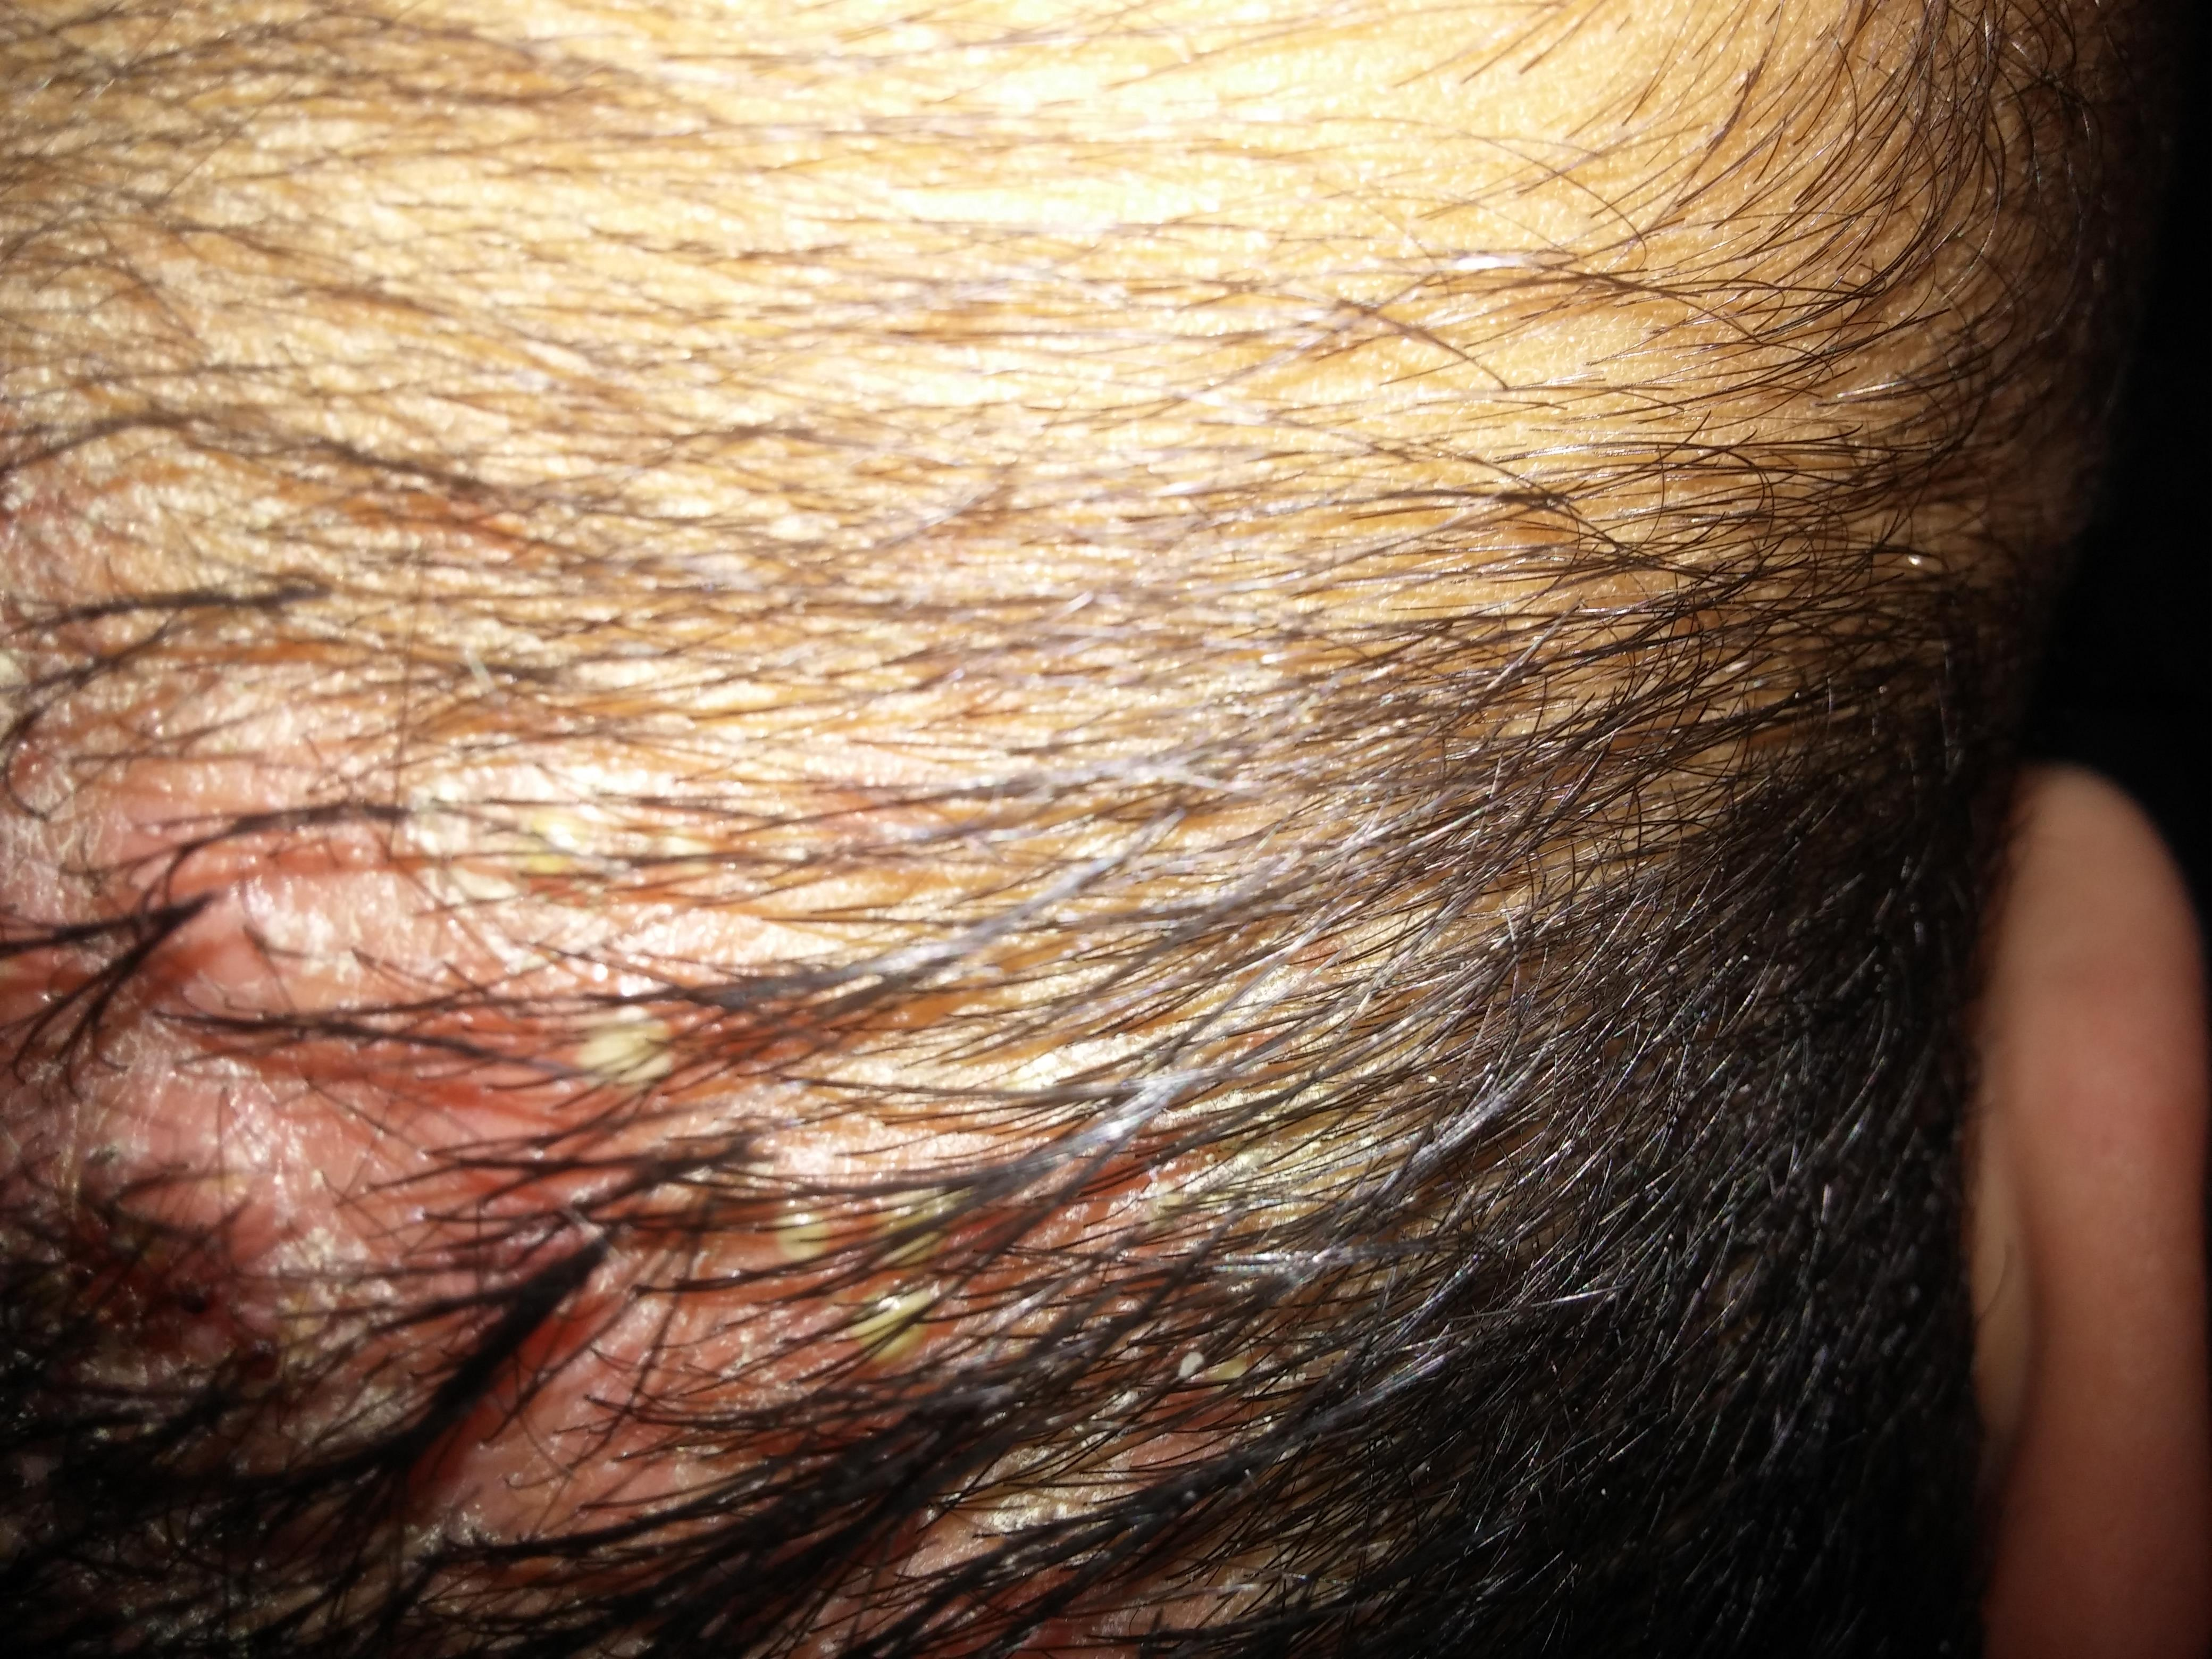 Lenf nodları neden kulakların arkasında iltihaplandı